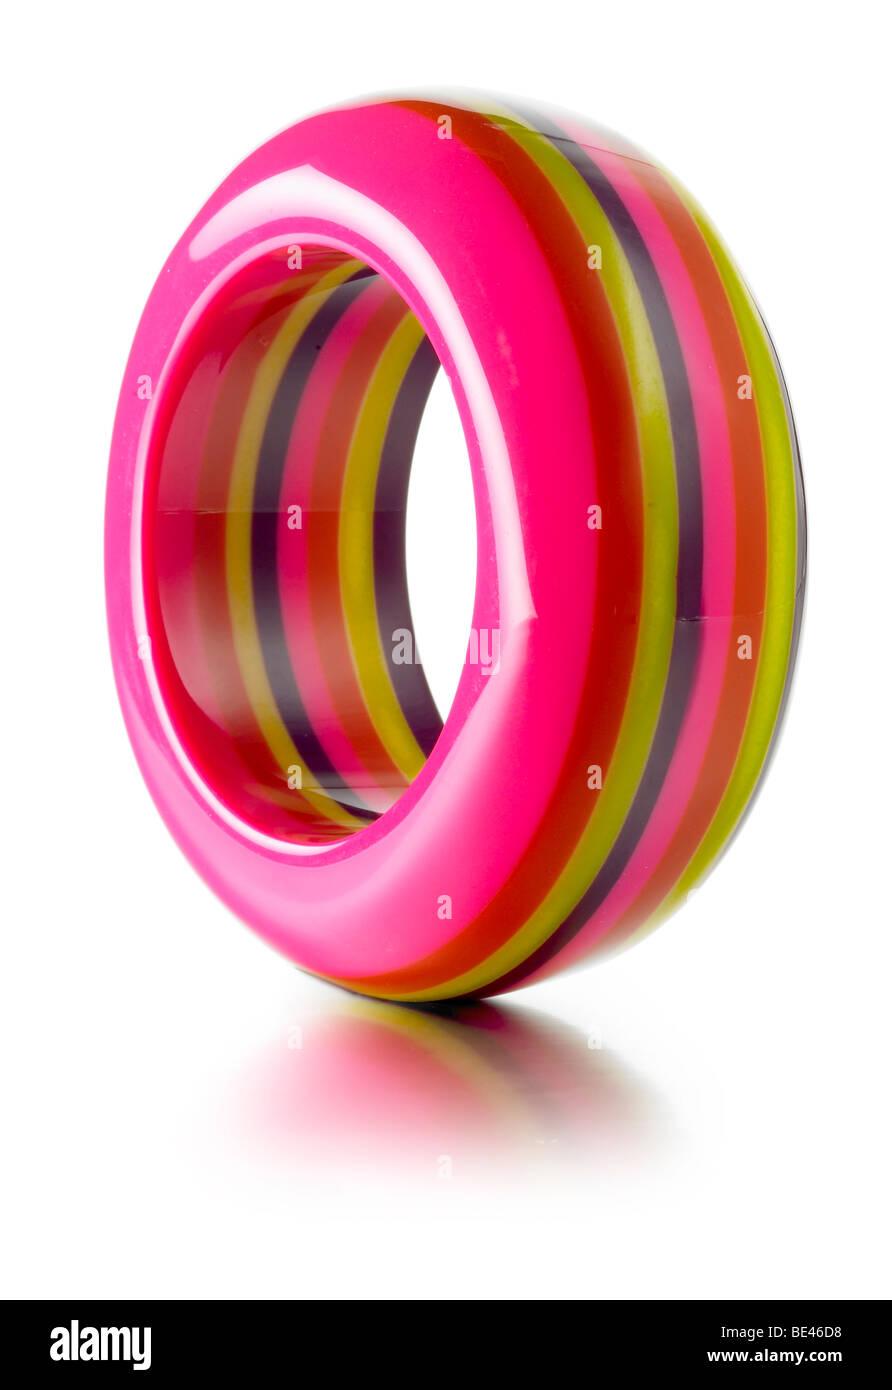 striped bright colored bangle - Stock Image